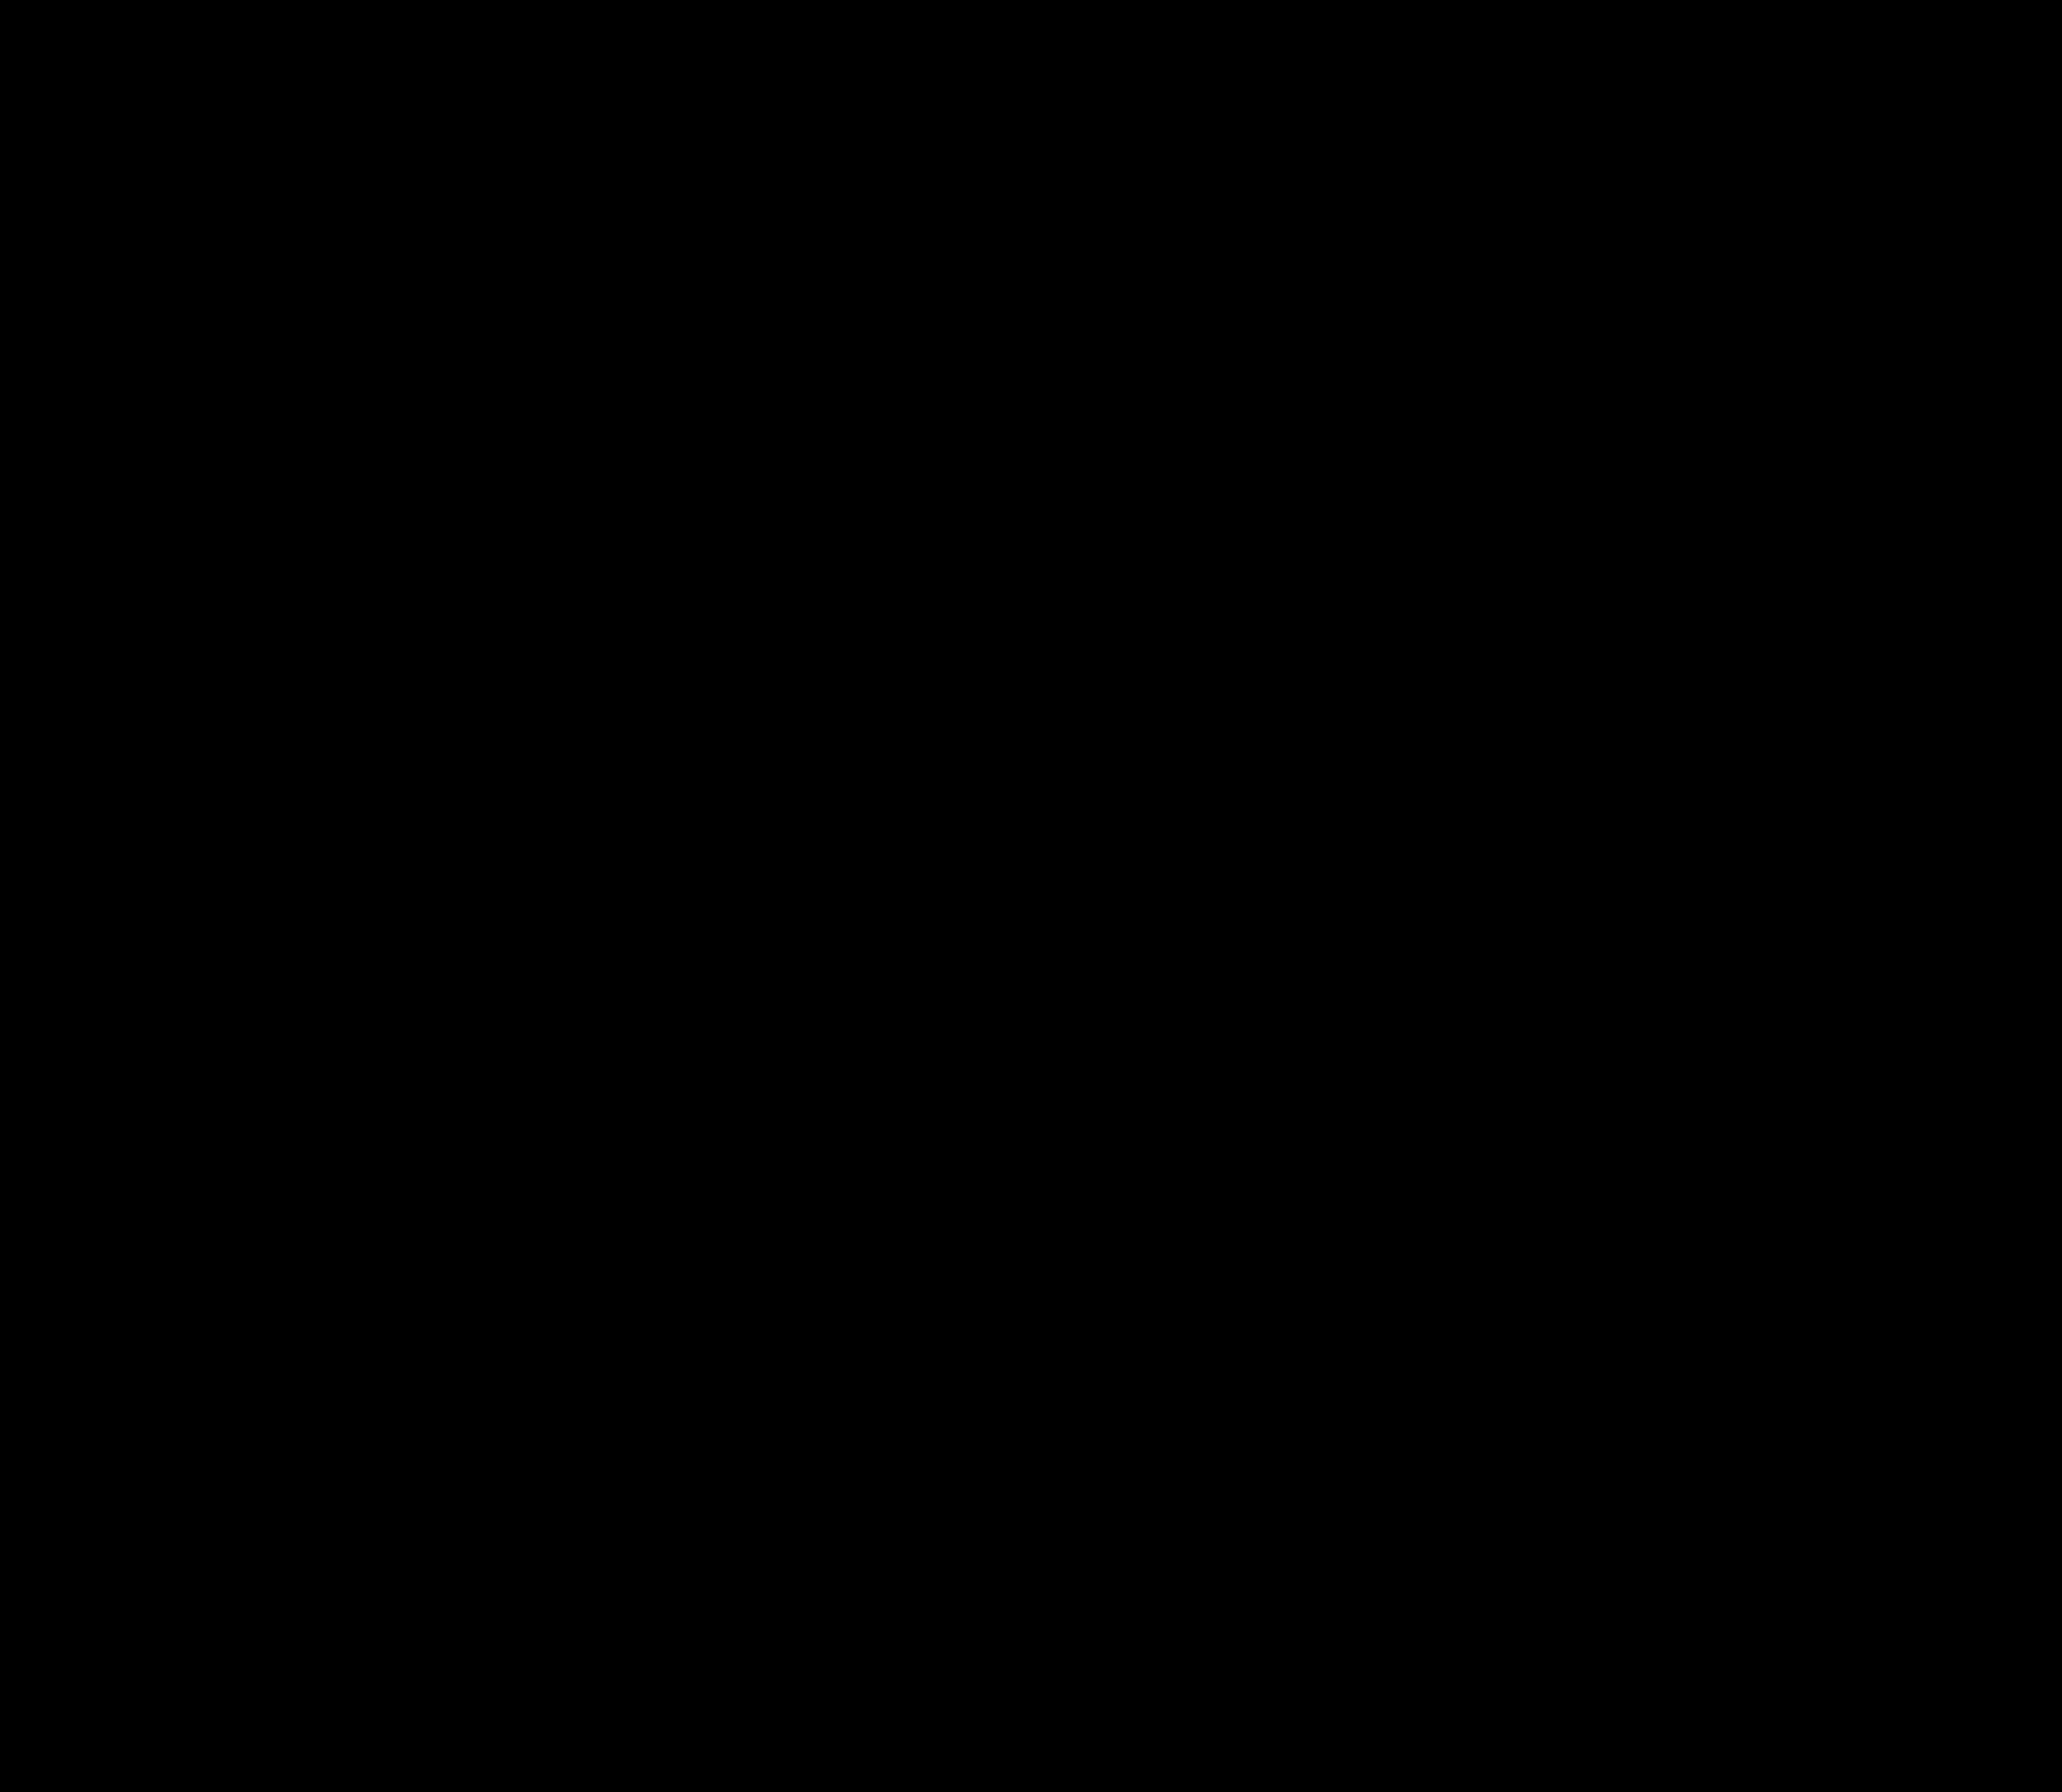 Libraries: Reichskolonialbund